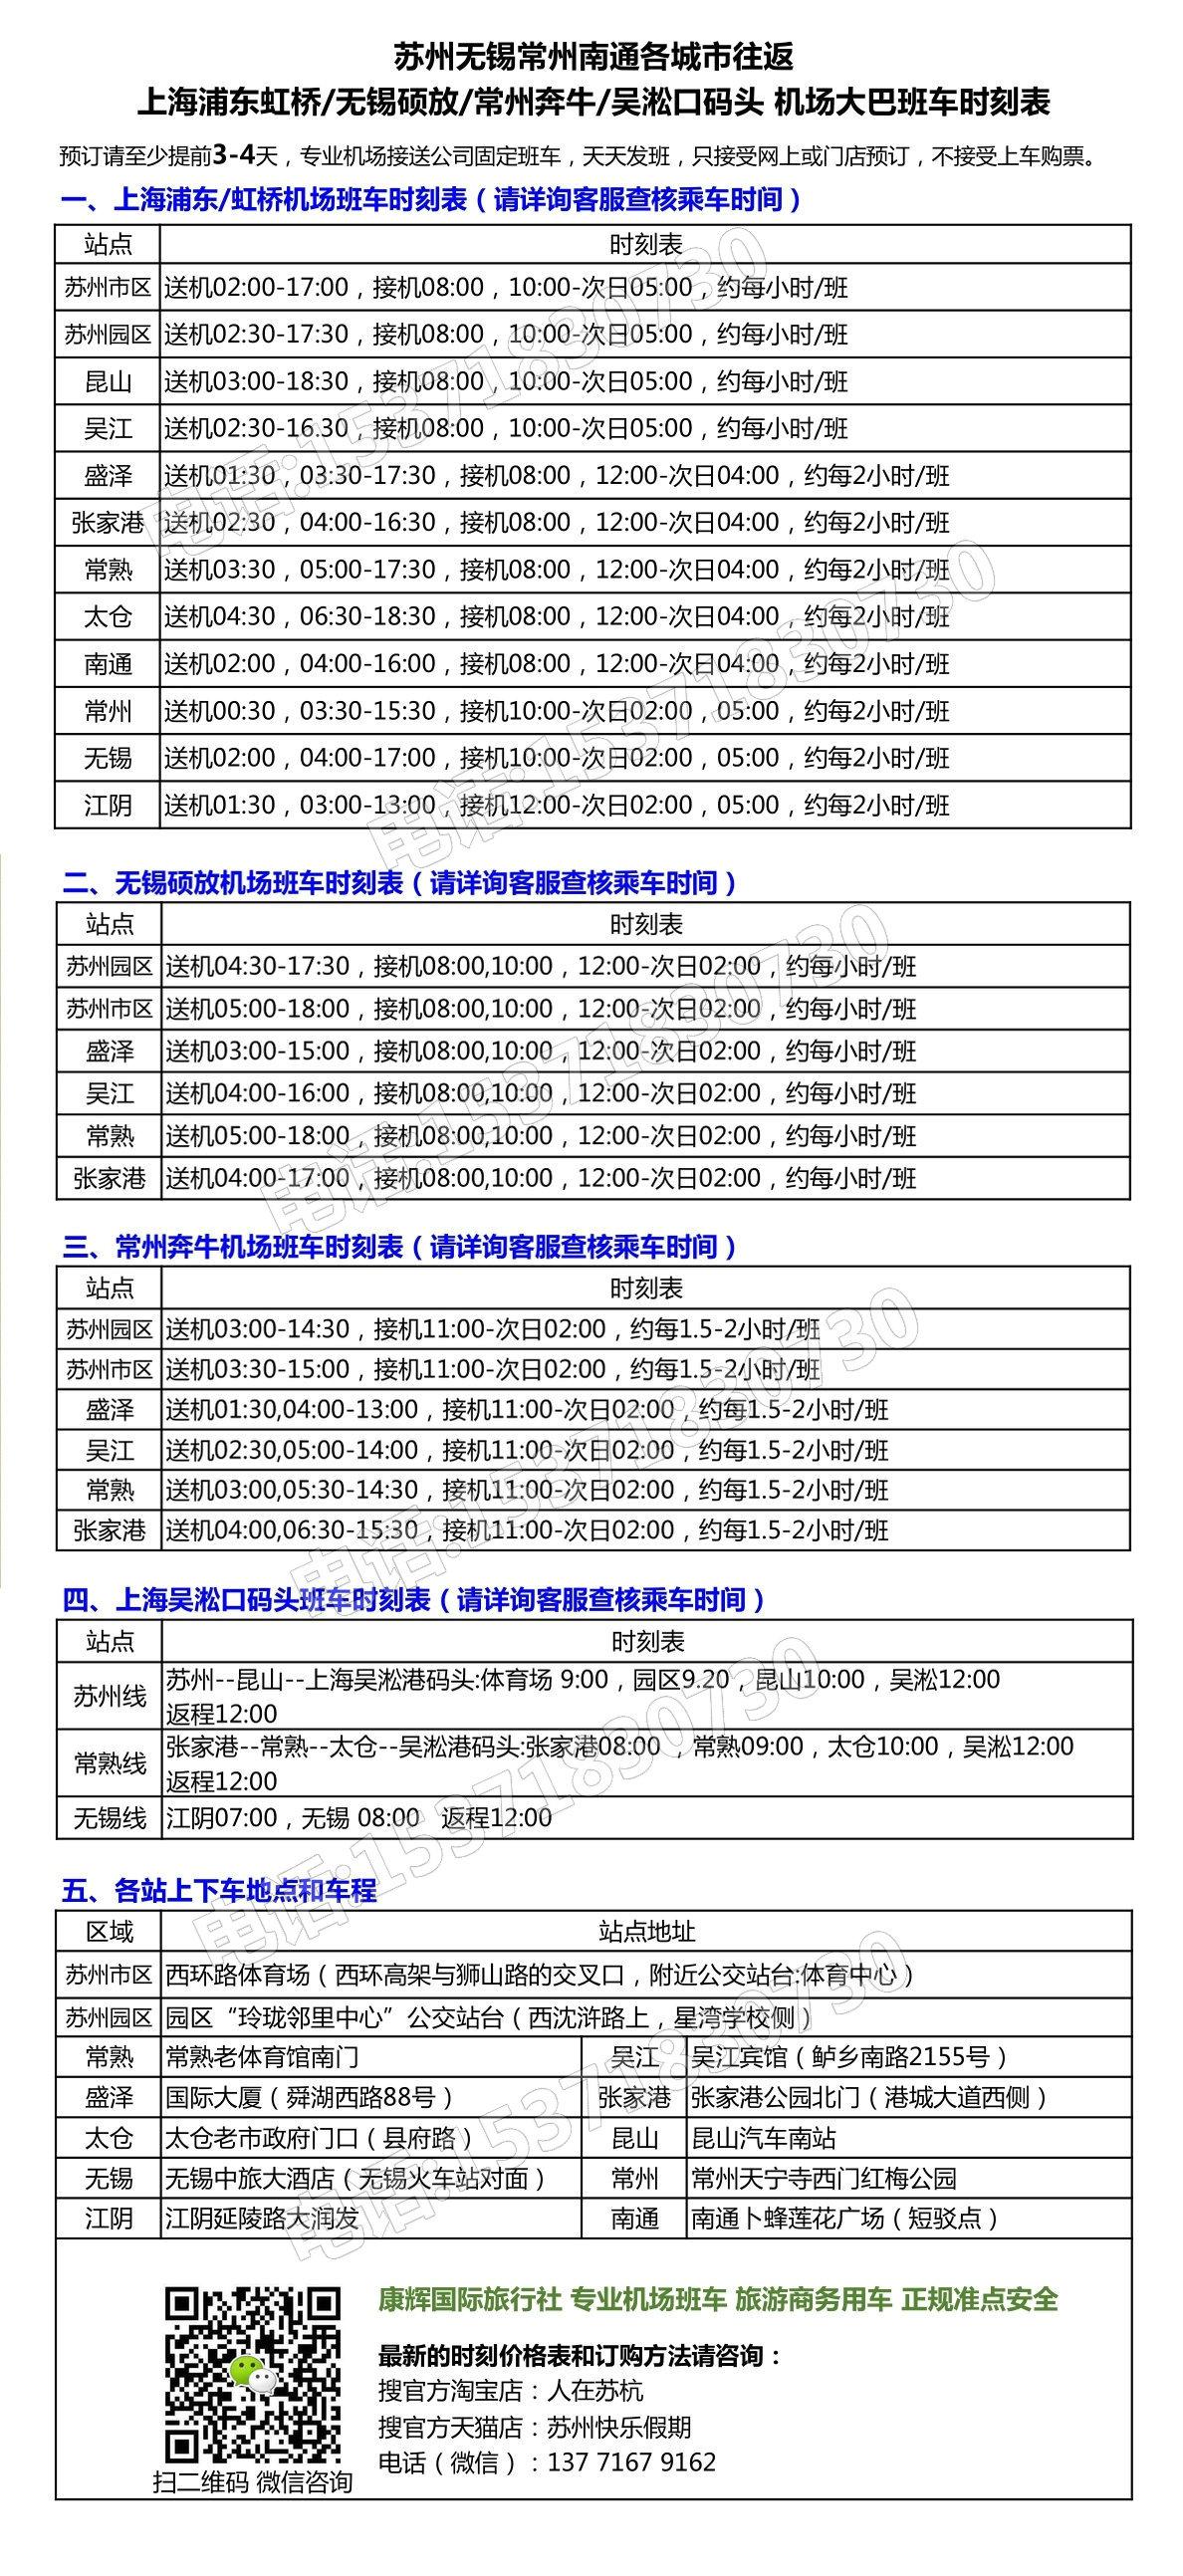 苏州到浦东机场大巴时刻表